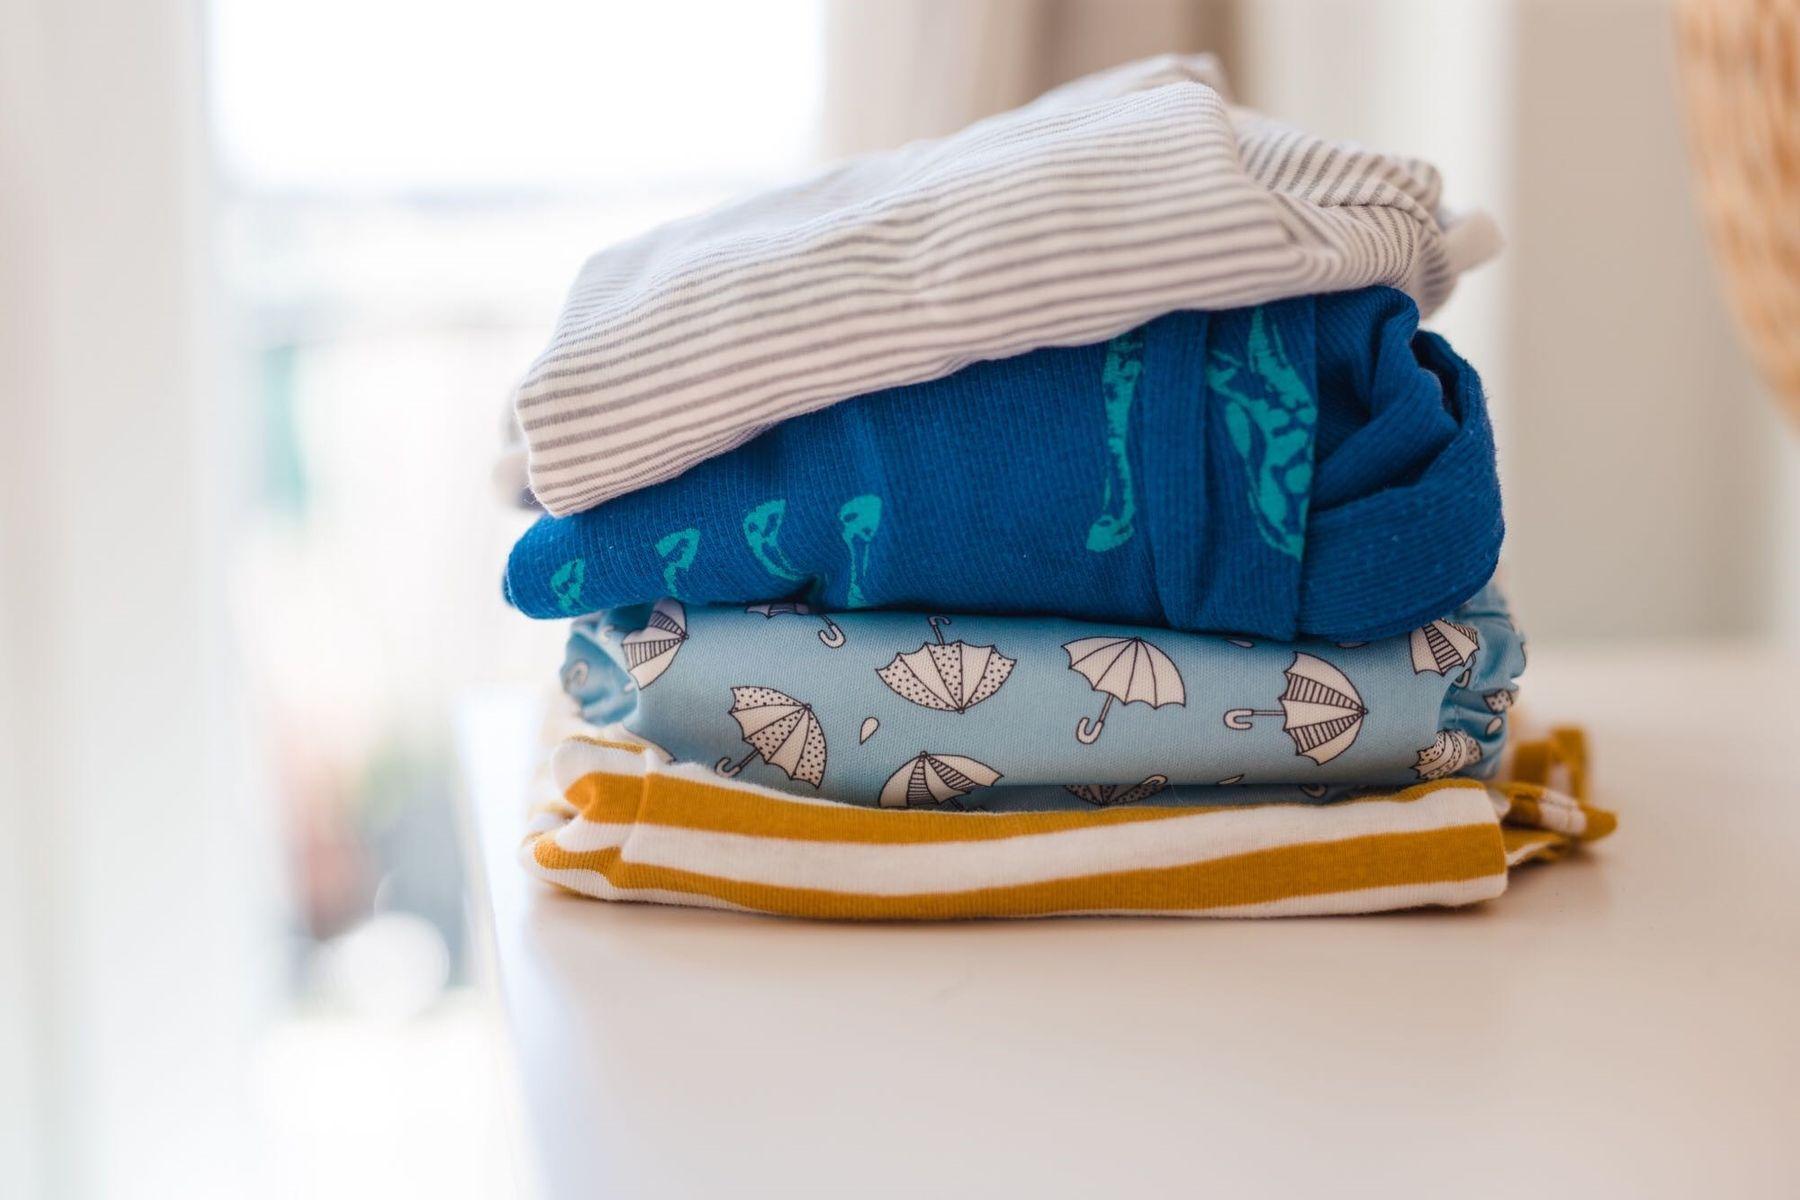 Bebek kıyafetleri neyle yıkanmalı